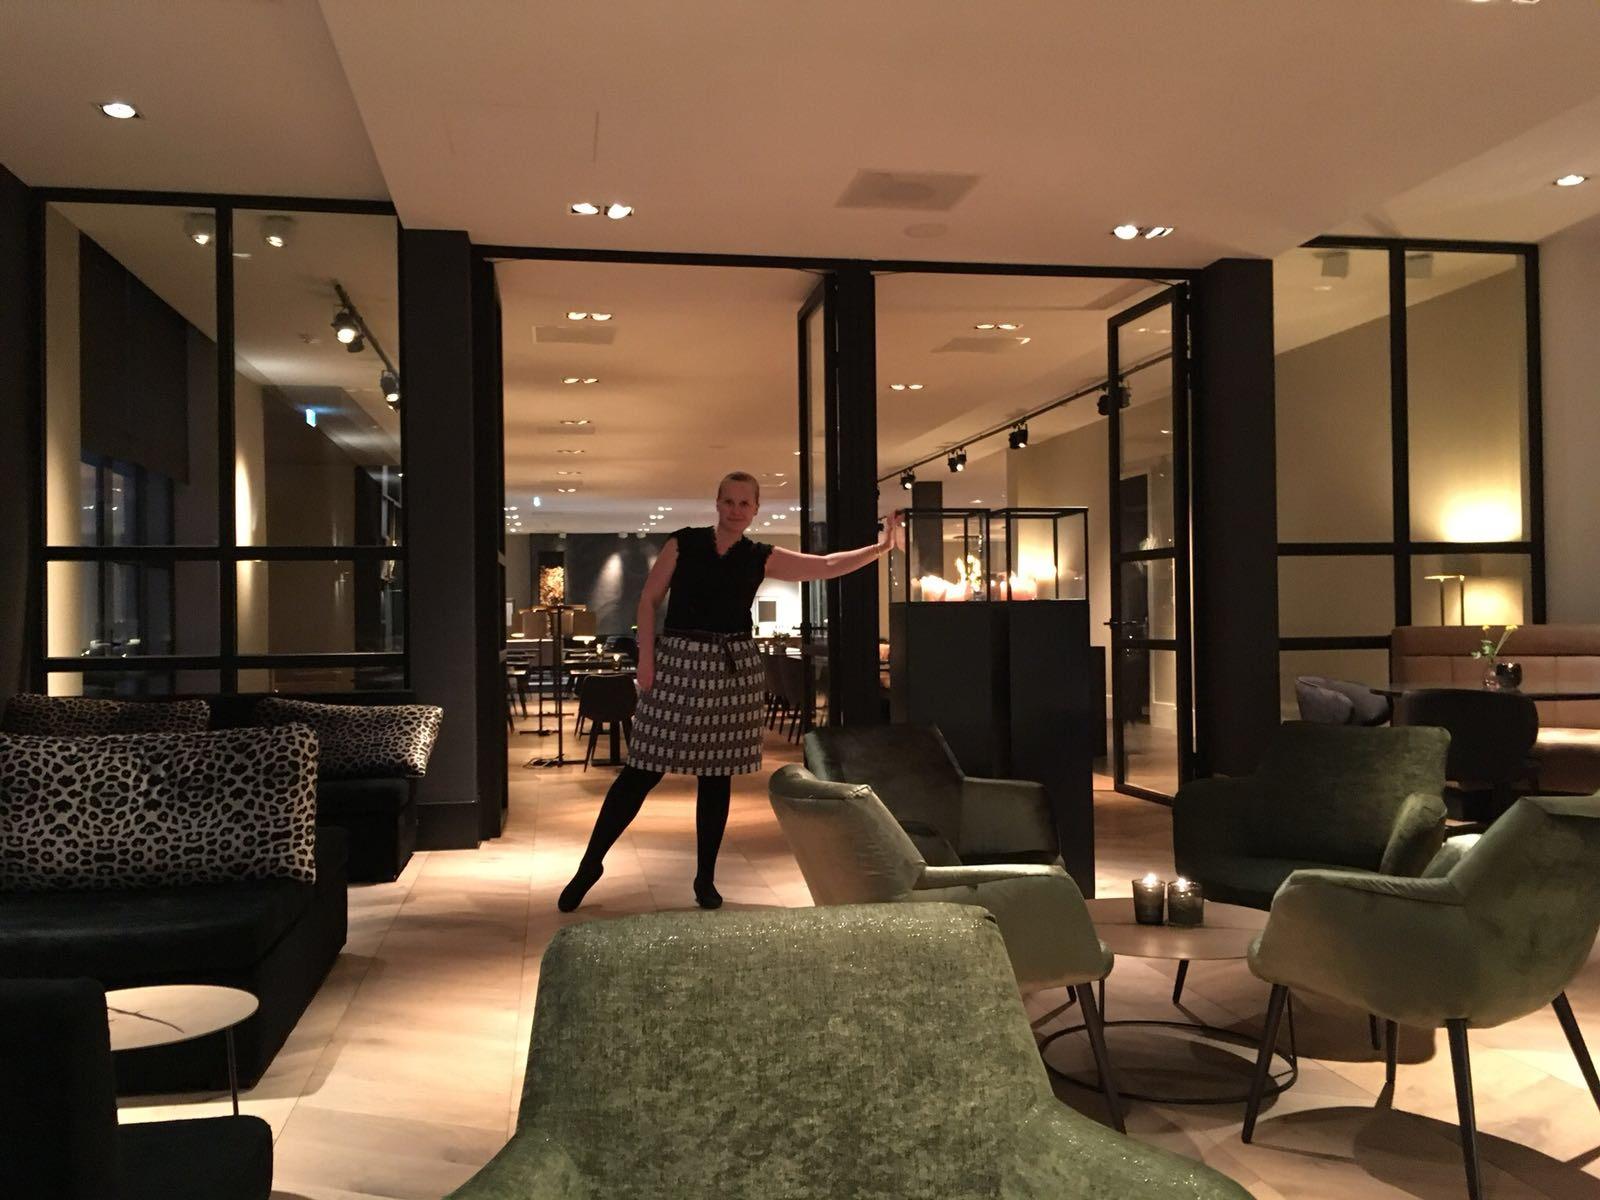 Valk hotel Apeldoorn, dit is wat wij er van vinden, videoimpressie